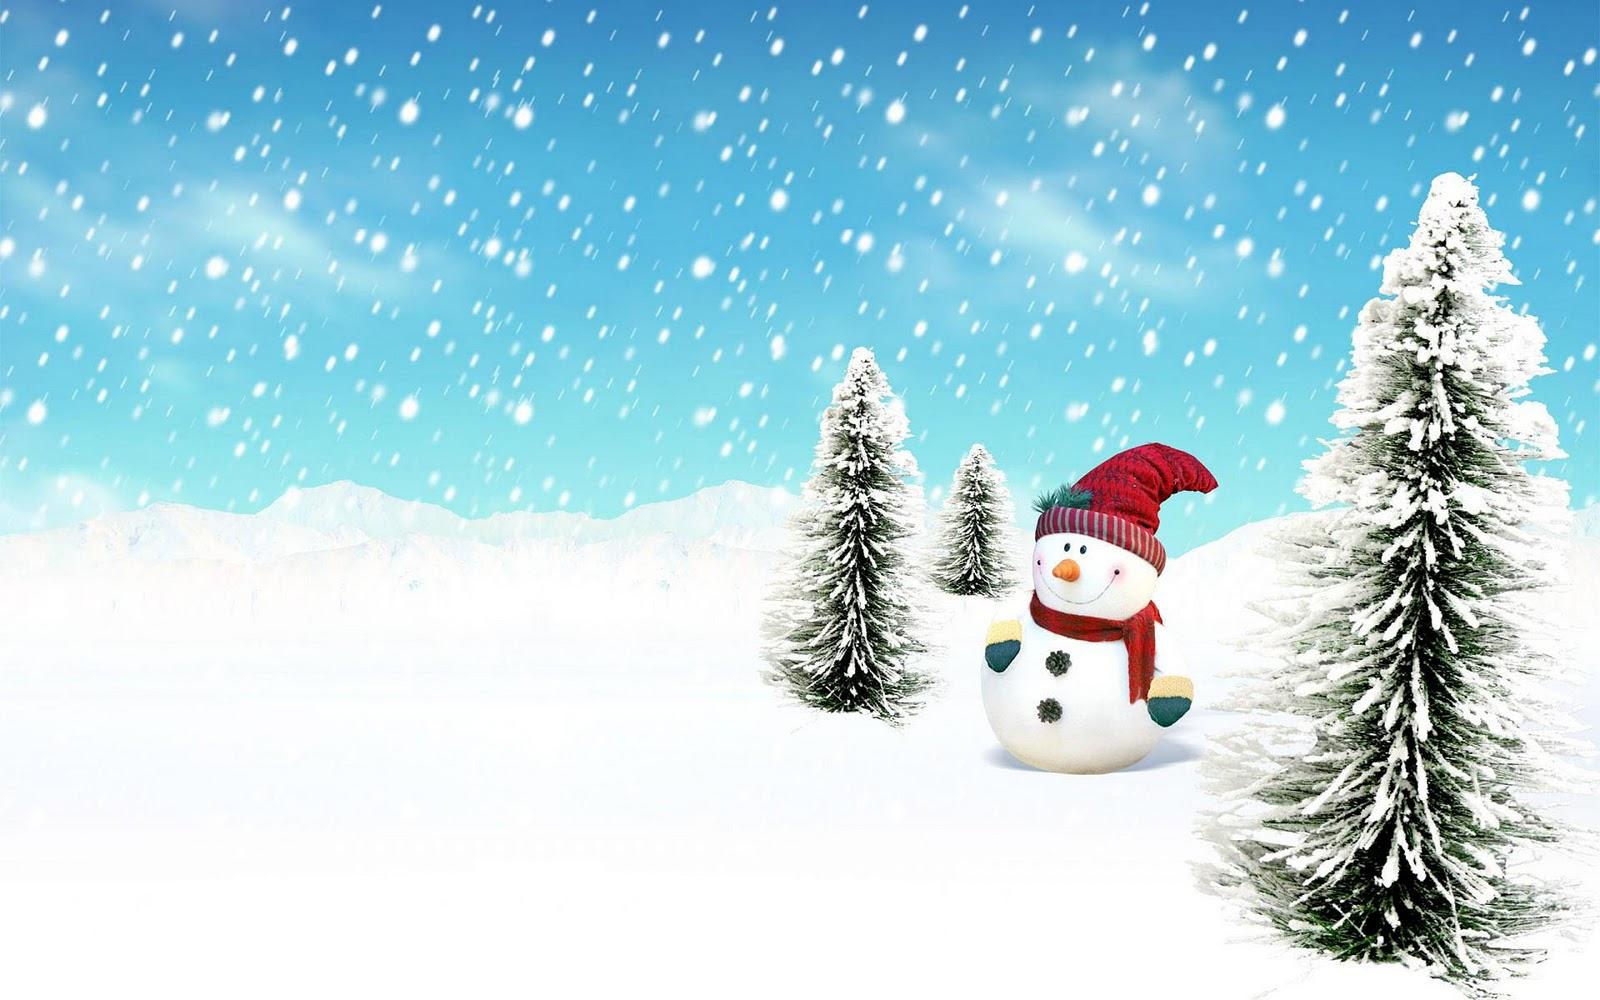 snowman computer wallpaper 52516